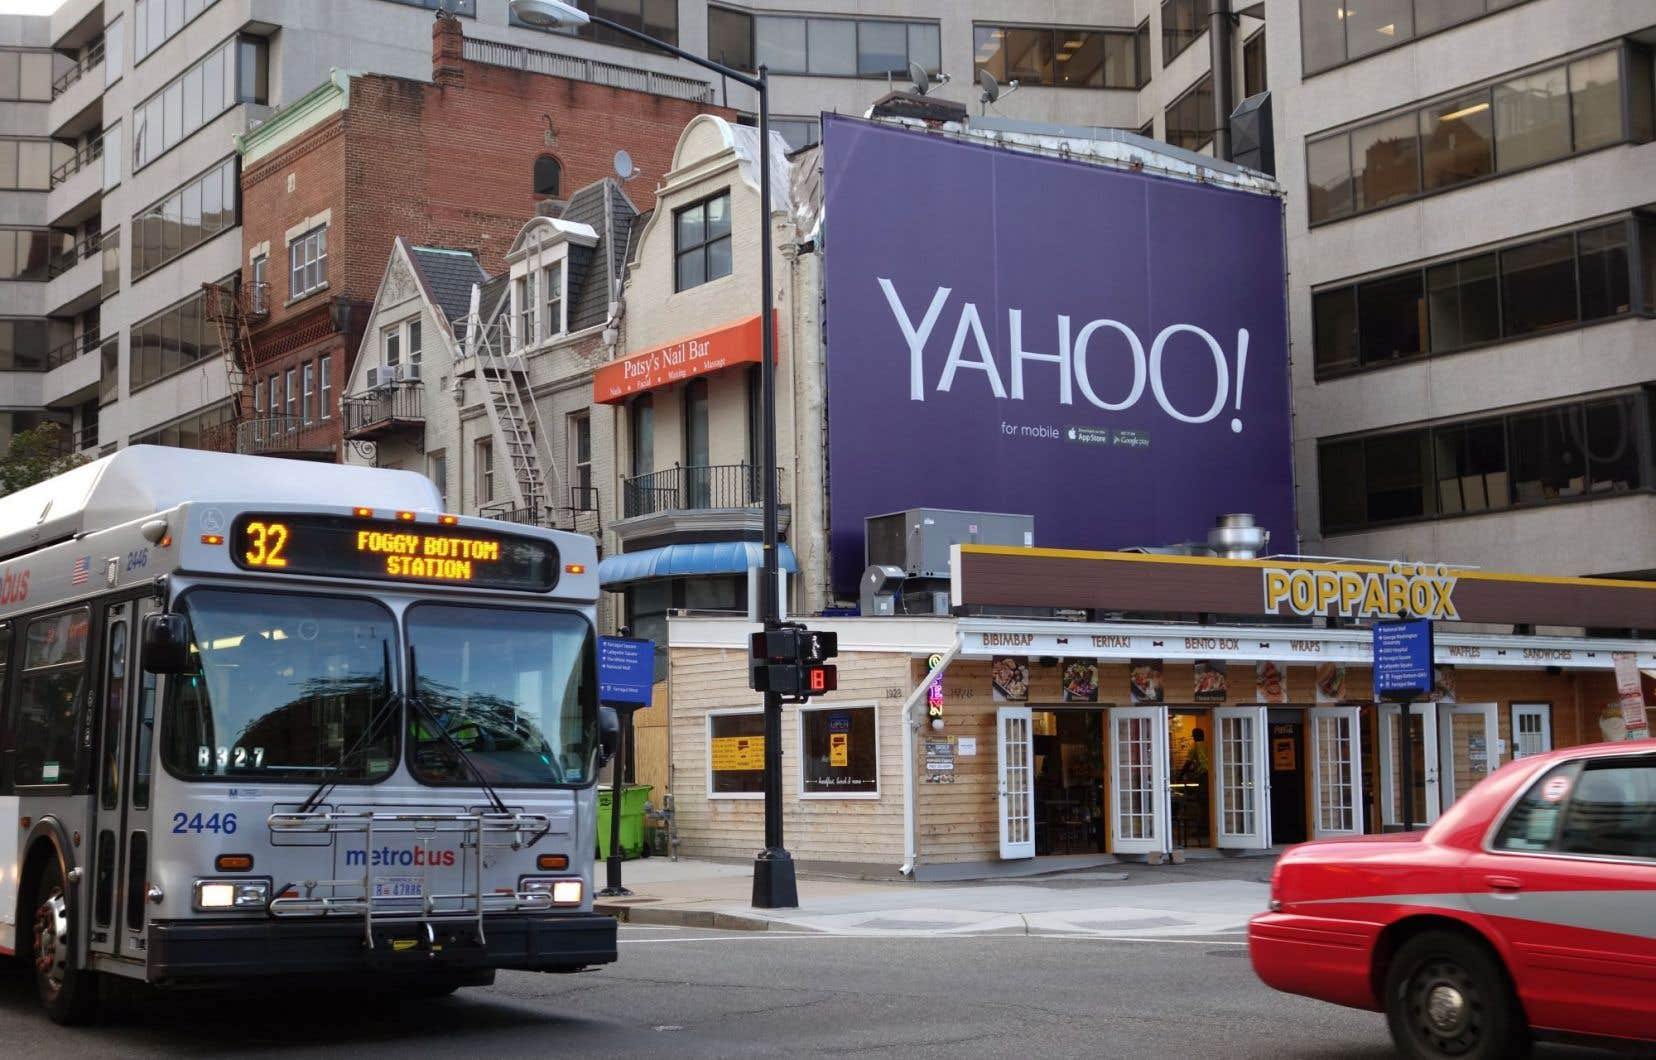 Ancien fleuron du Web, Yahoo! n'occupait plus en juin que la troisième place sur le marché des recherches en ligne depuis un ordinateur aux États-Unis.